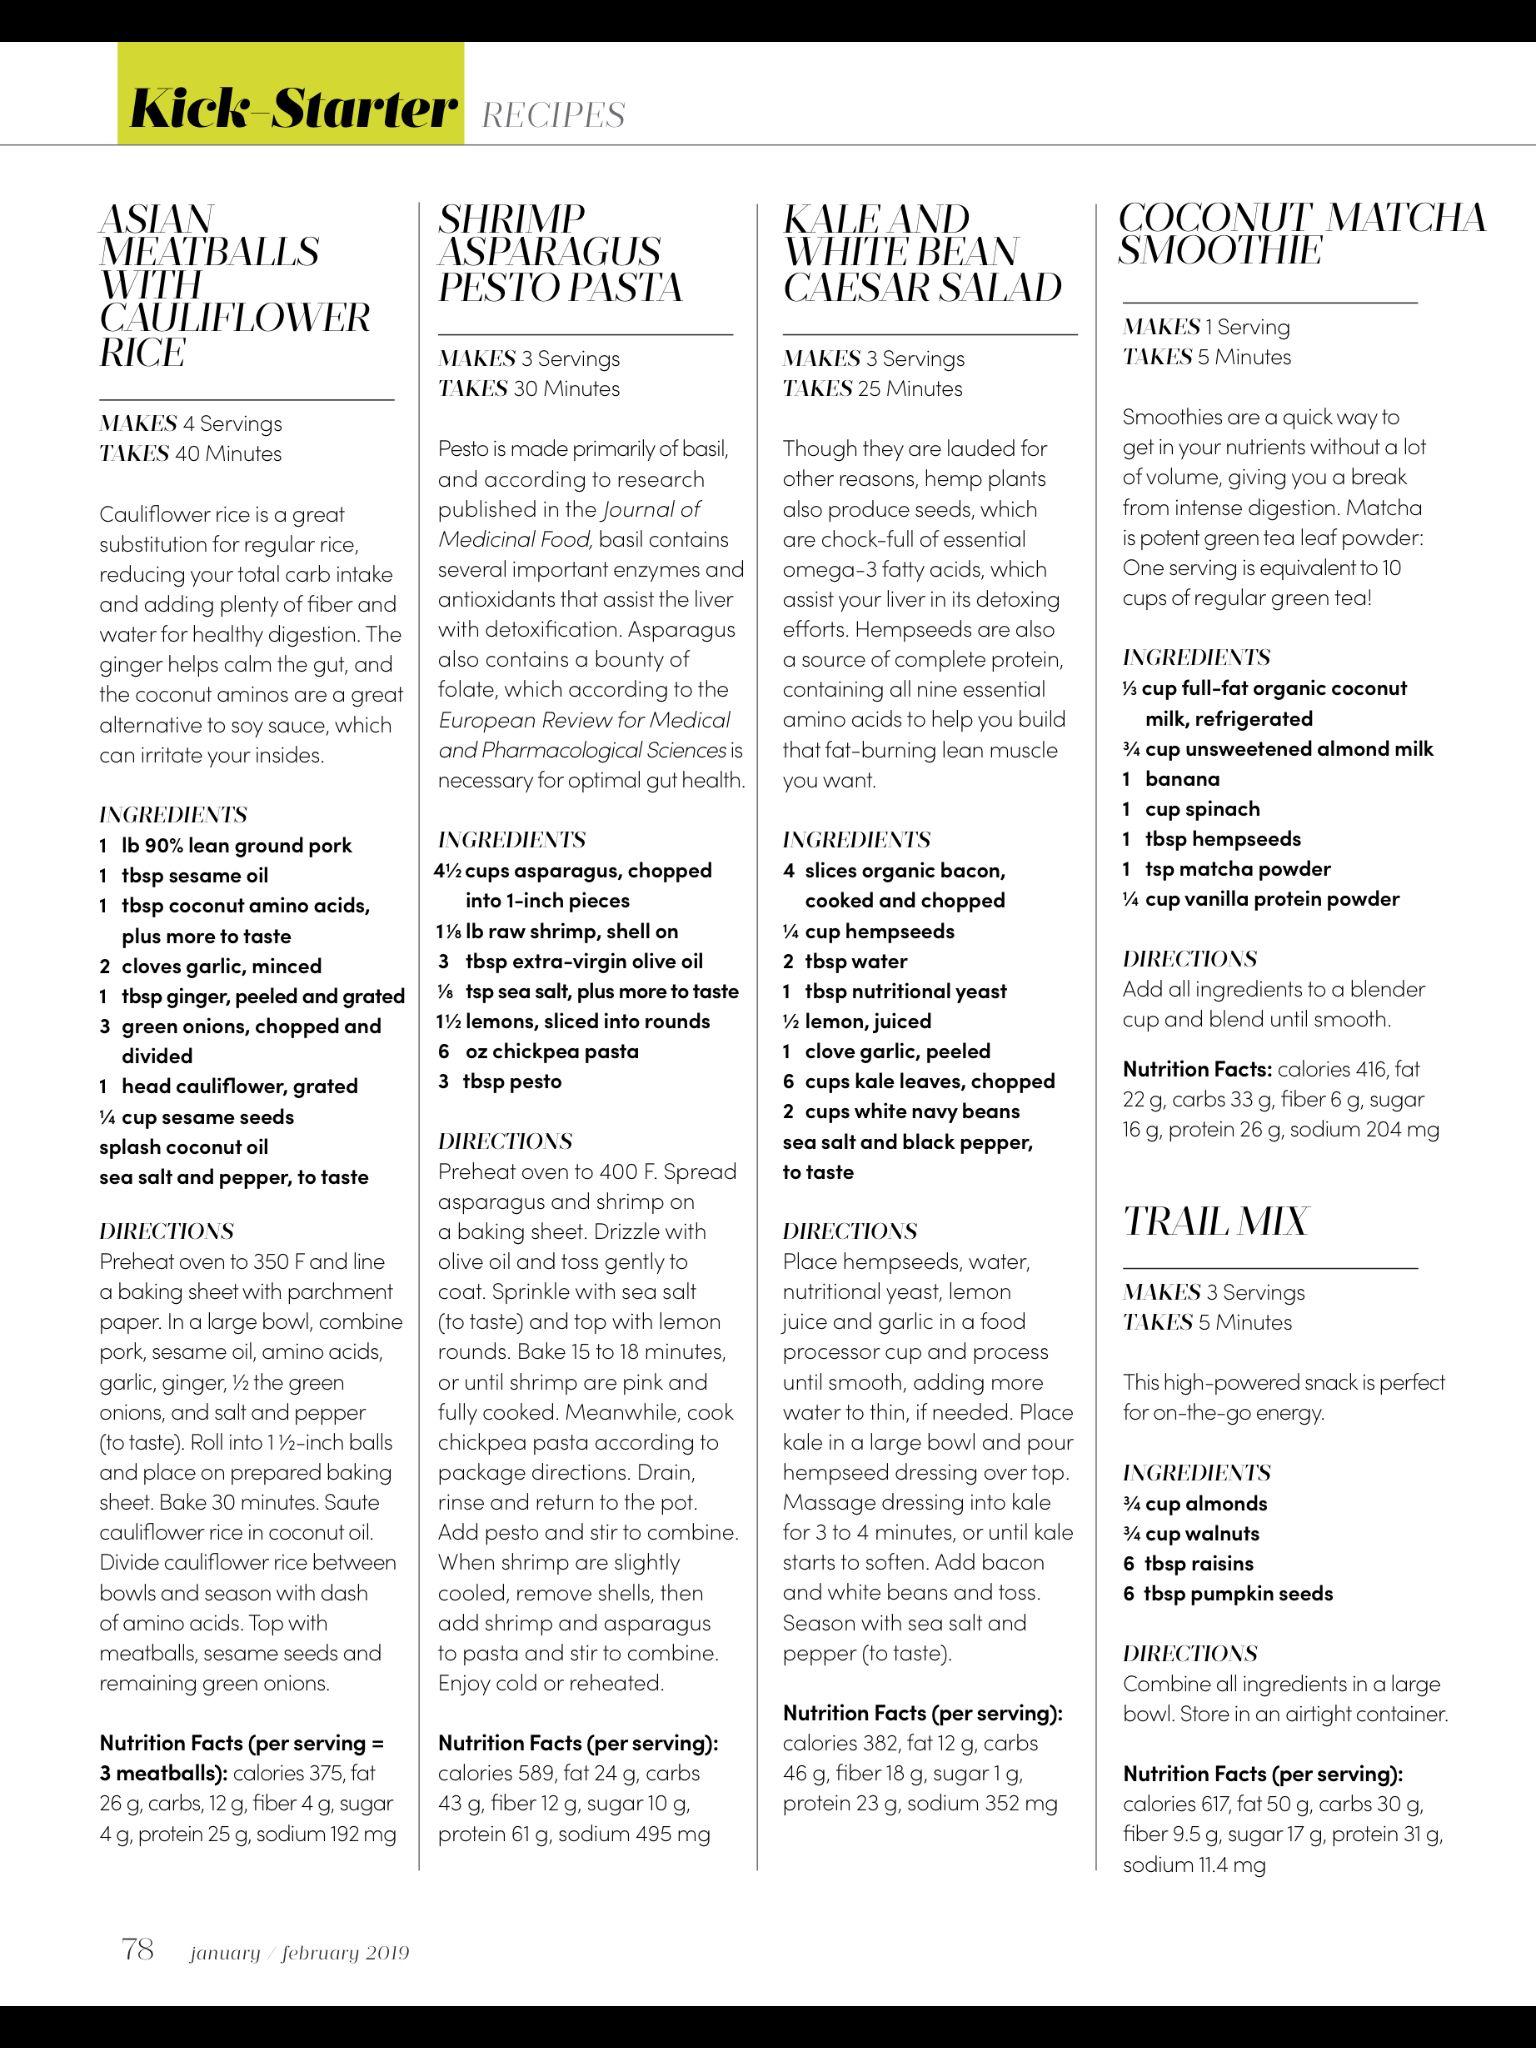 """""""The KickStarter Meal Plan"""" from Oxygen, Jan/Feb 2019"""